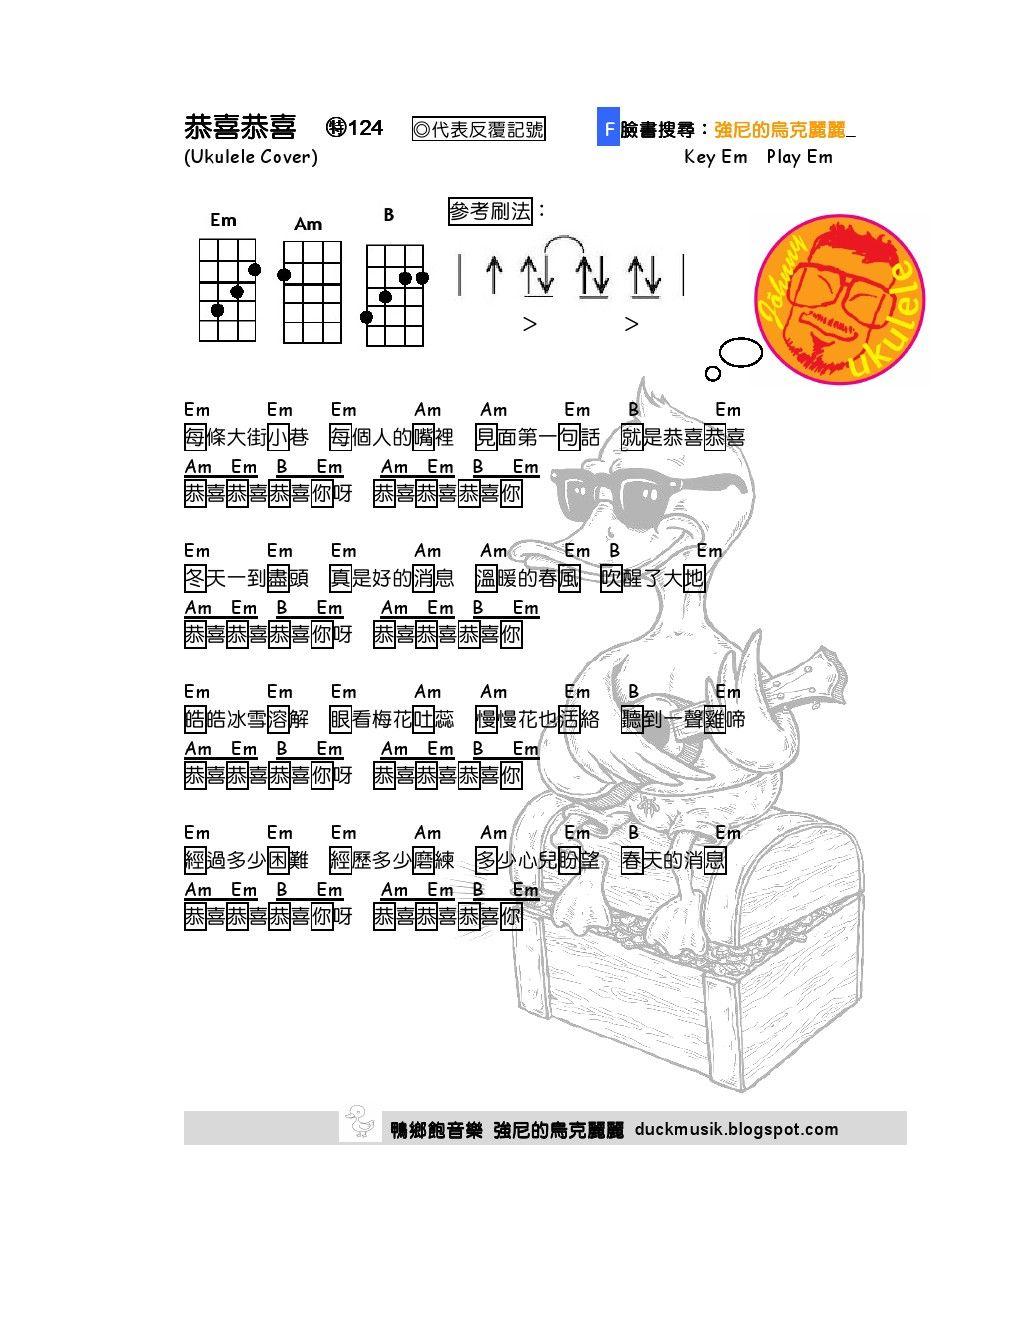 強尼的烏克麗麗 Johnny's Ukulele的琴譜,教學教室: 恭喜恭喜 新年到!強尼的烏克麗麗譜 Johnny's Ukulele #124